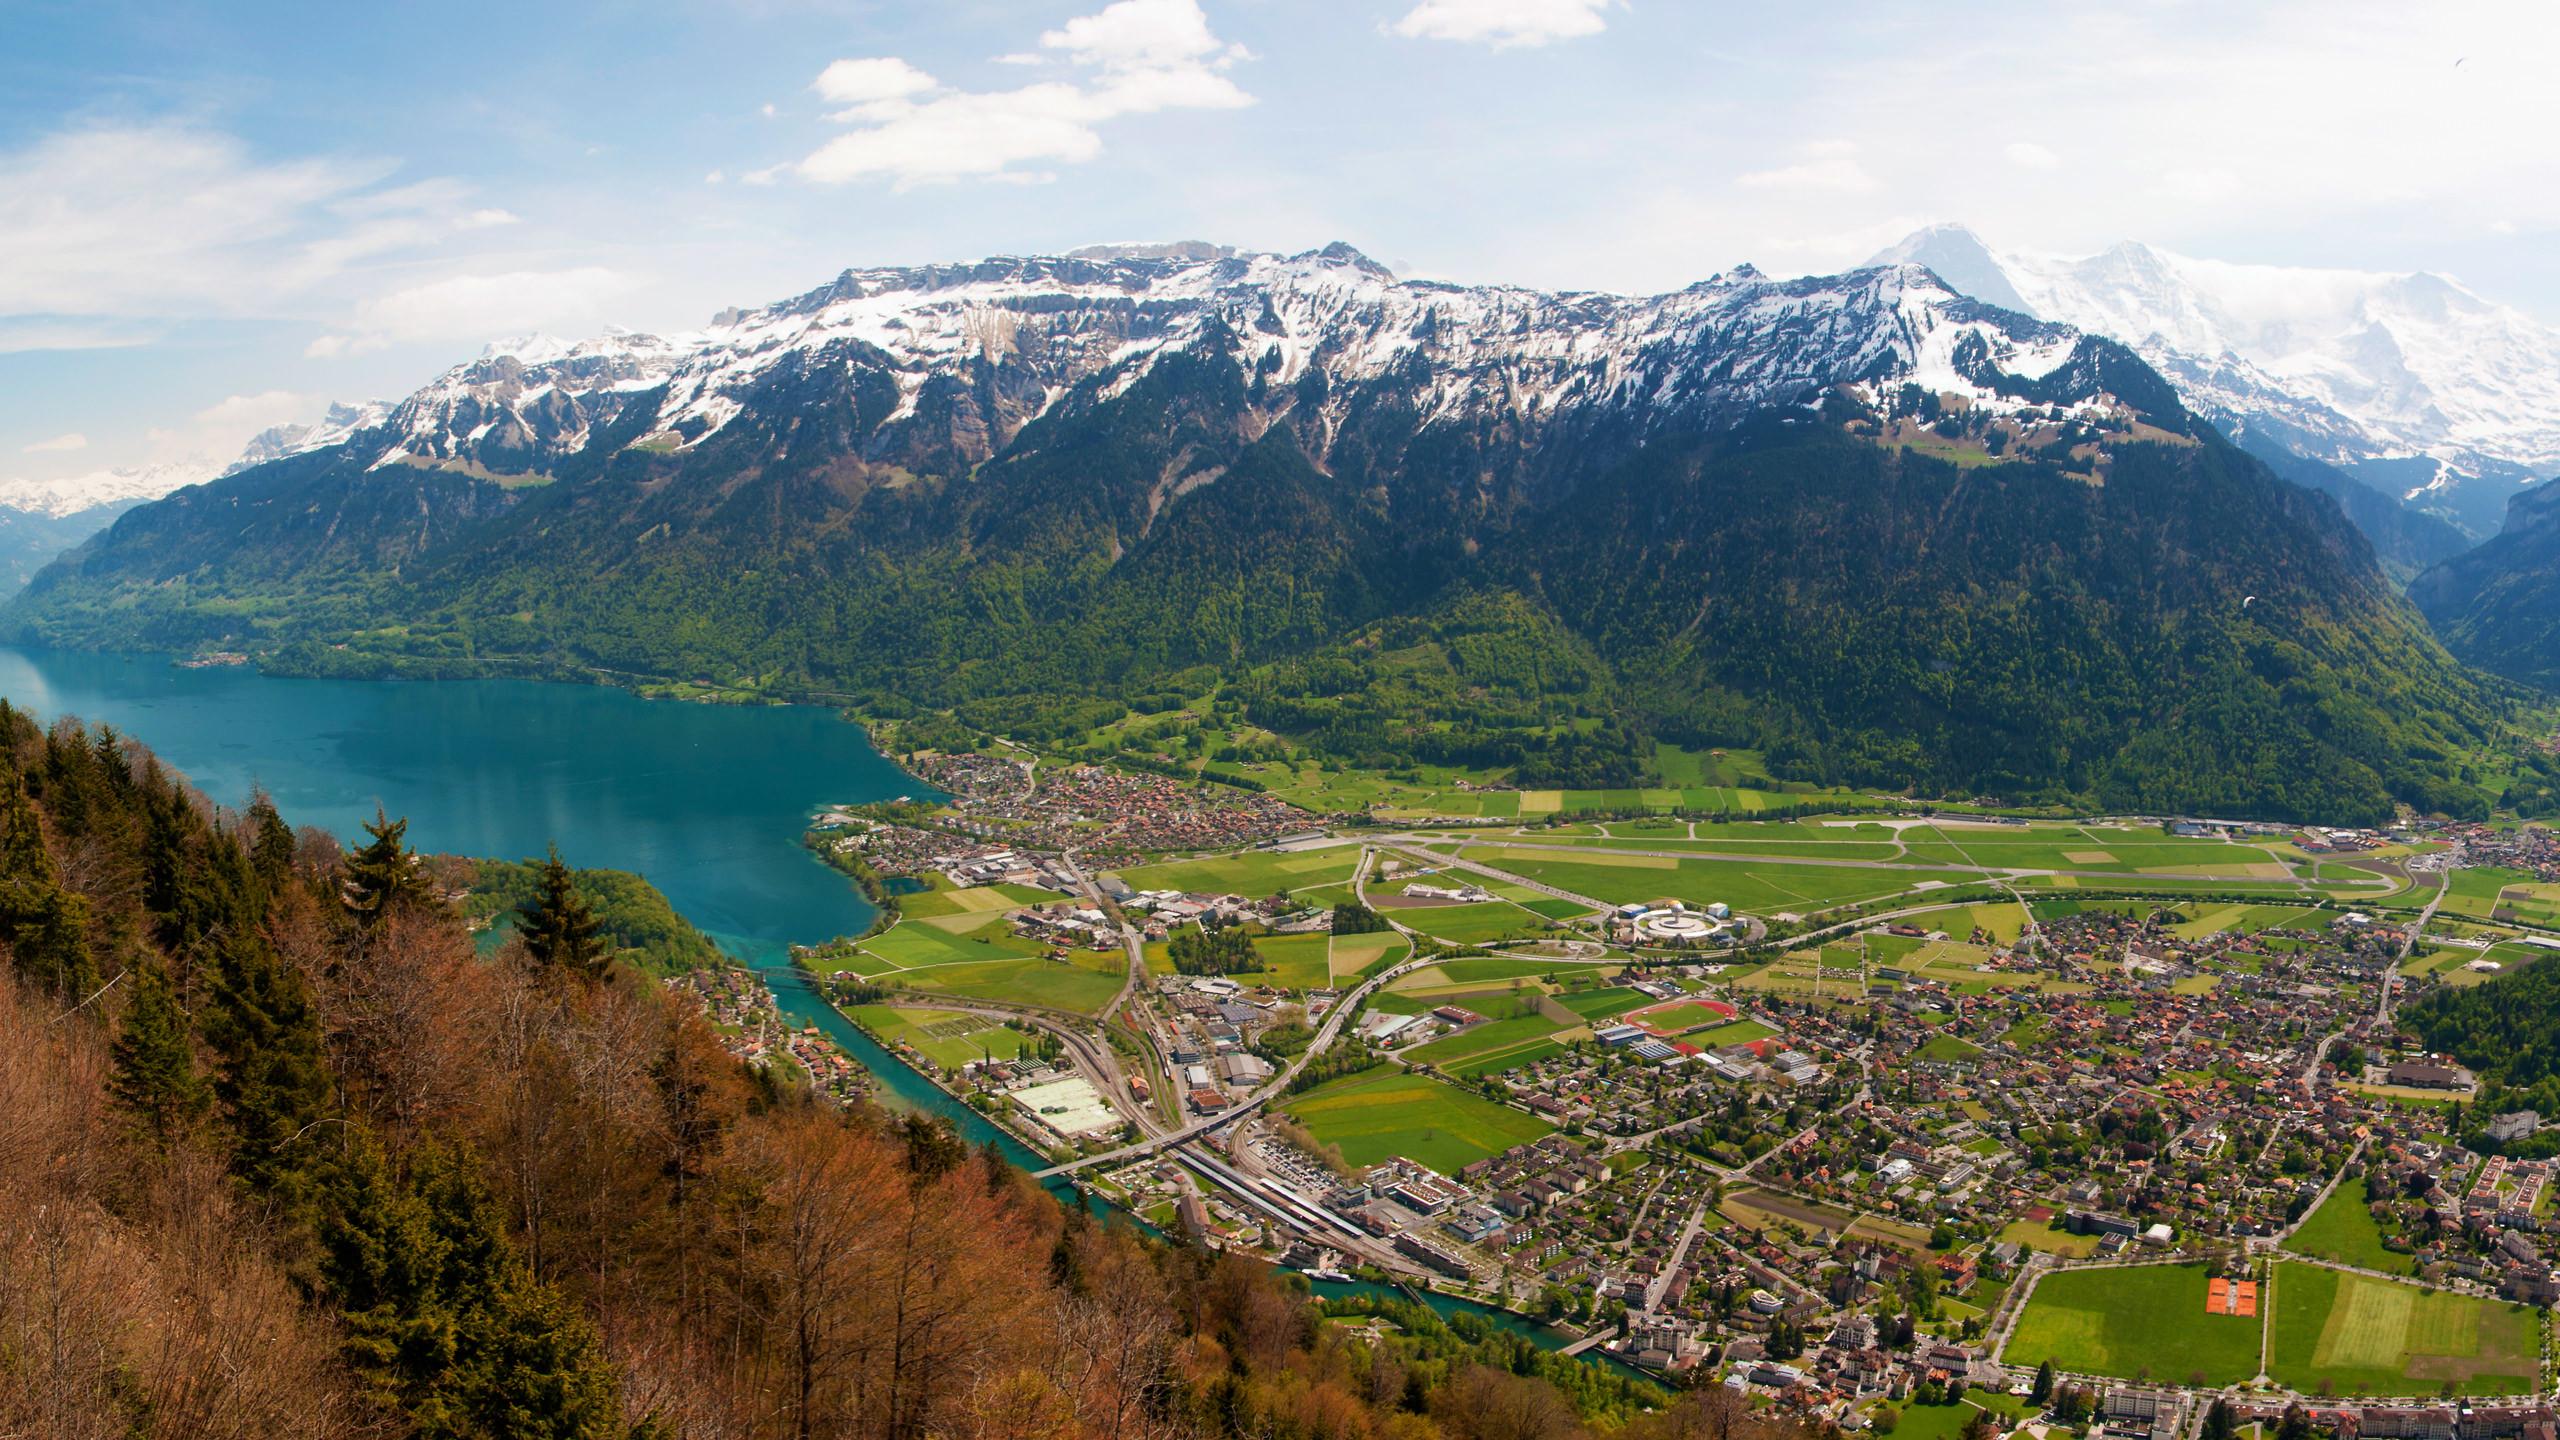 Interlaken   Switzerland   [3440x1440]   [OC] wallpapers 2560x1440